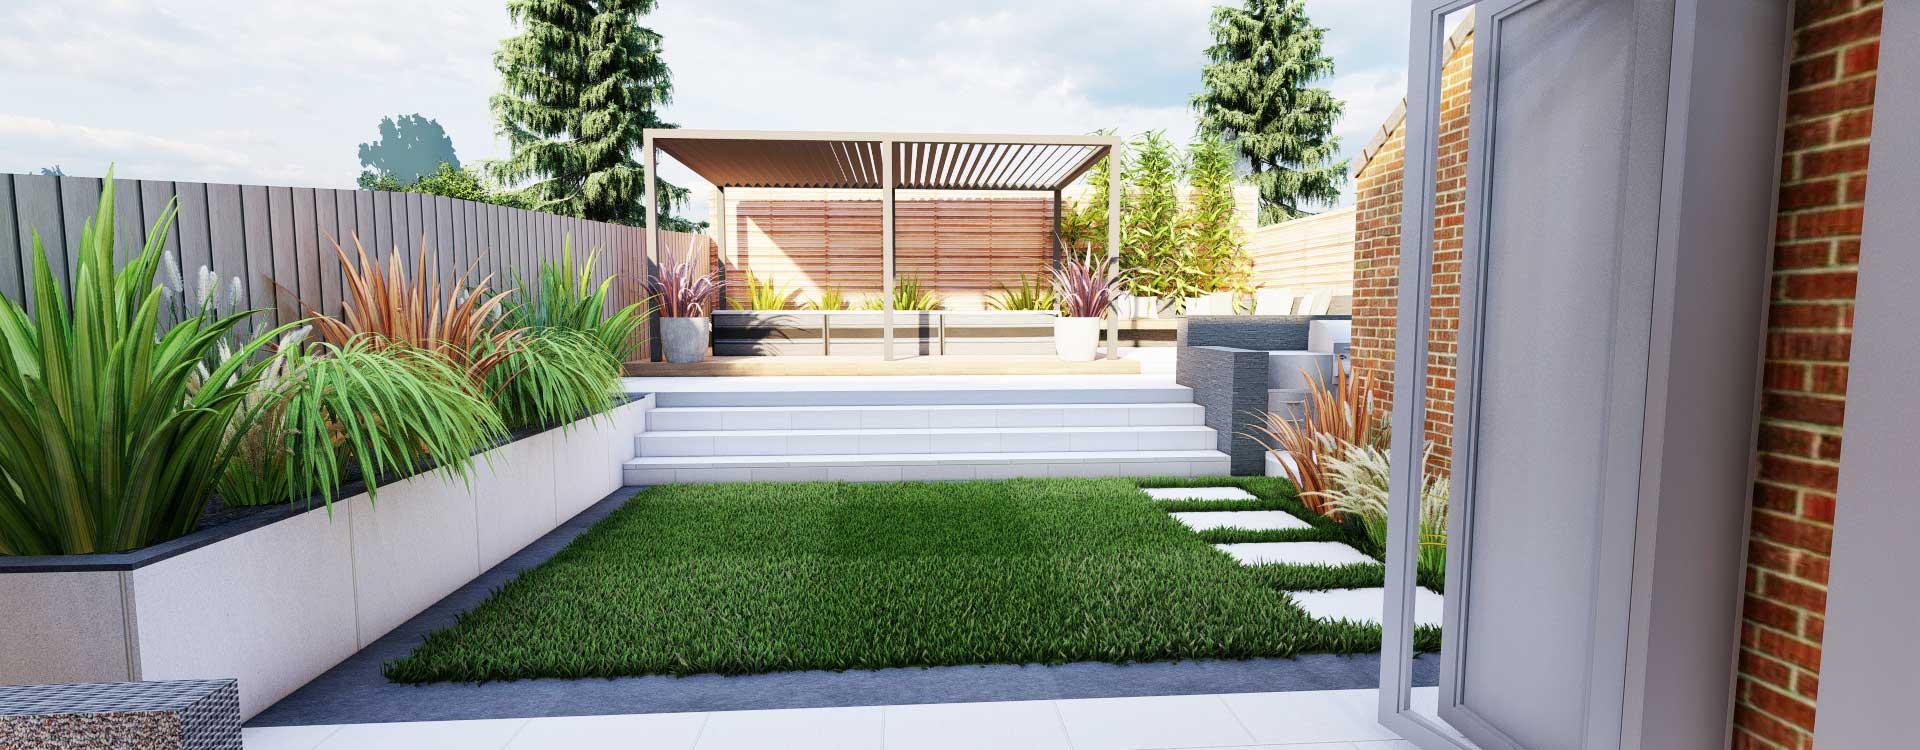 Garden Design by Landscapia